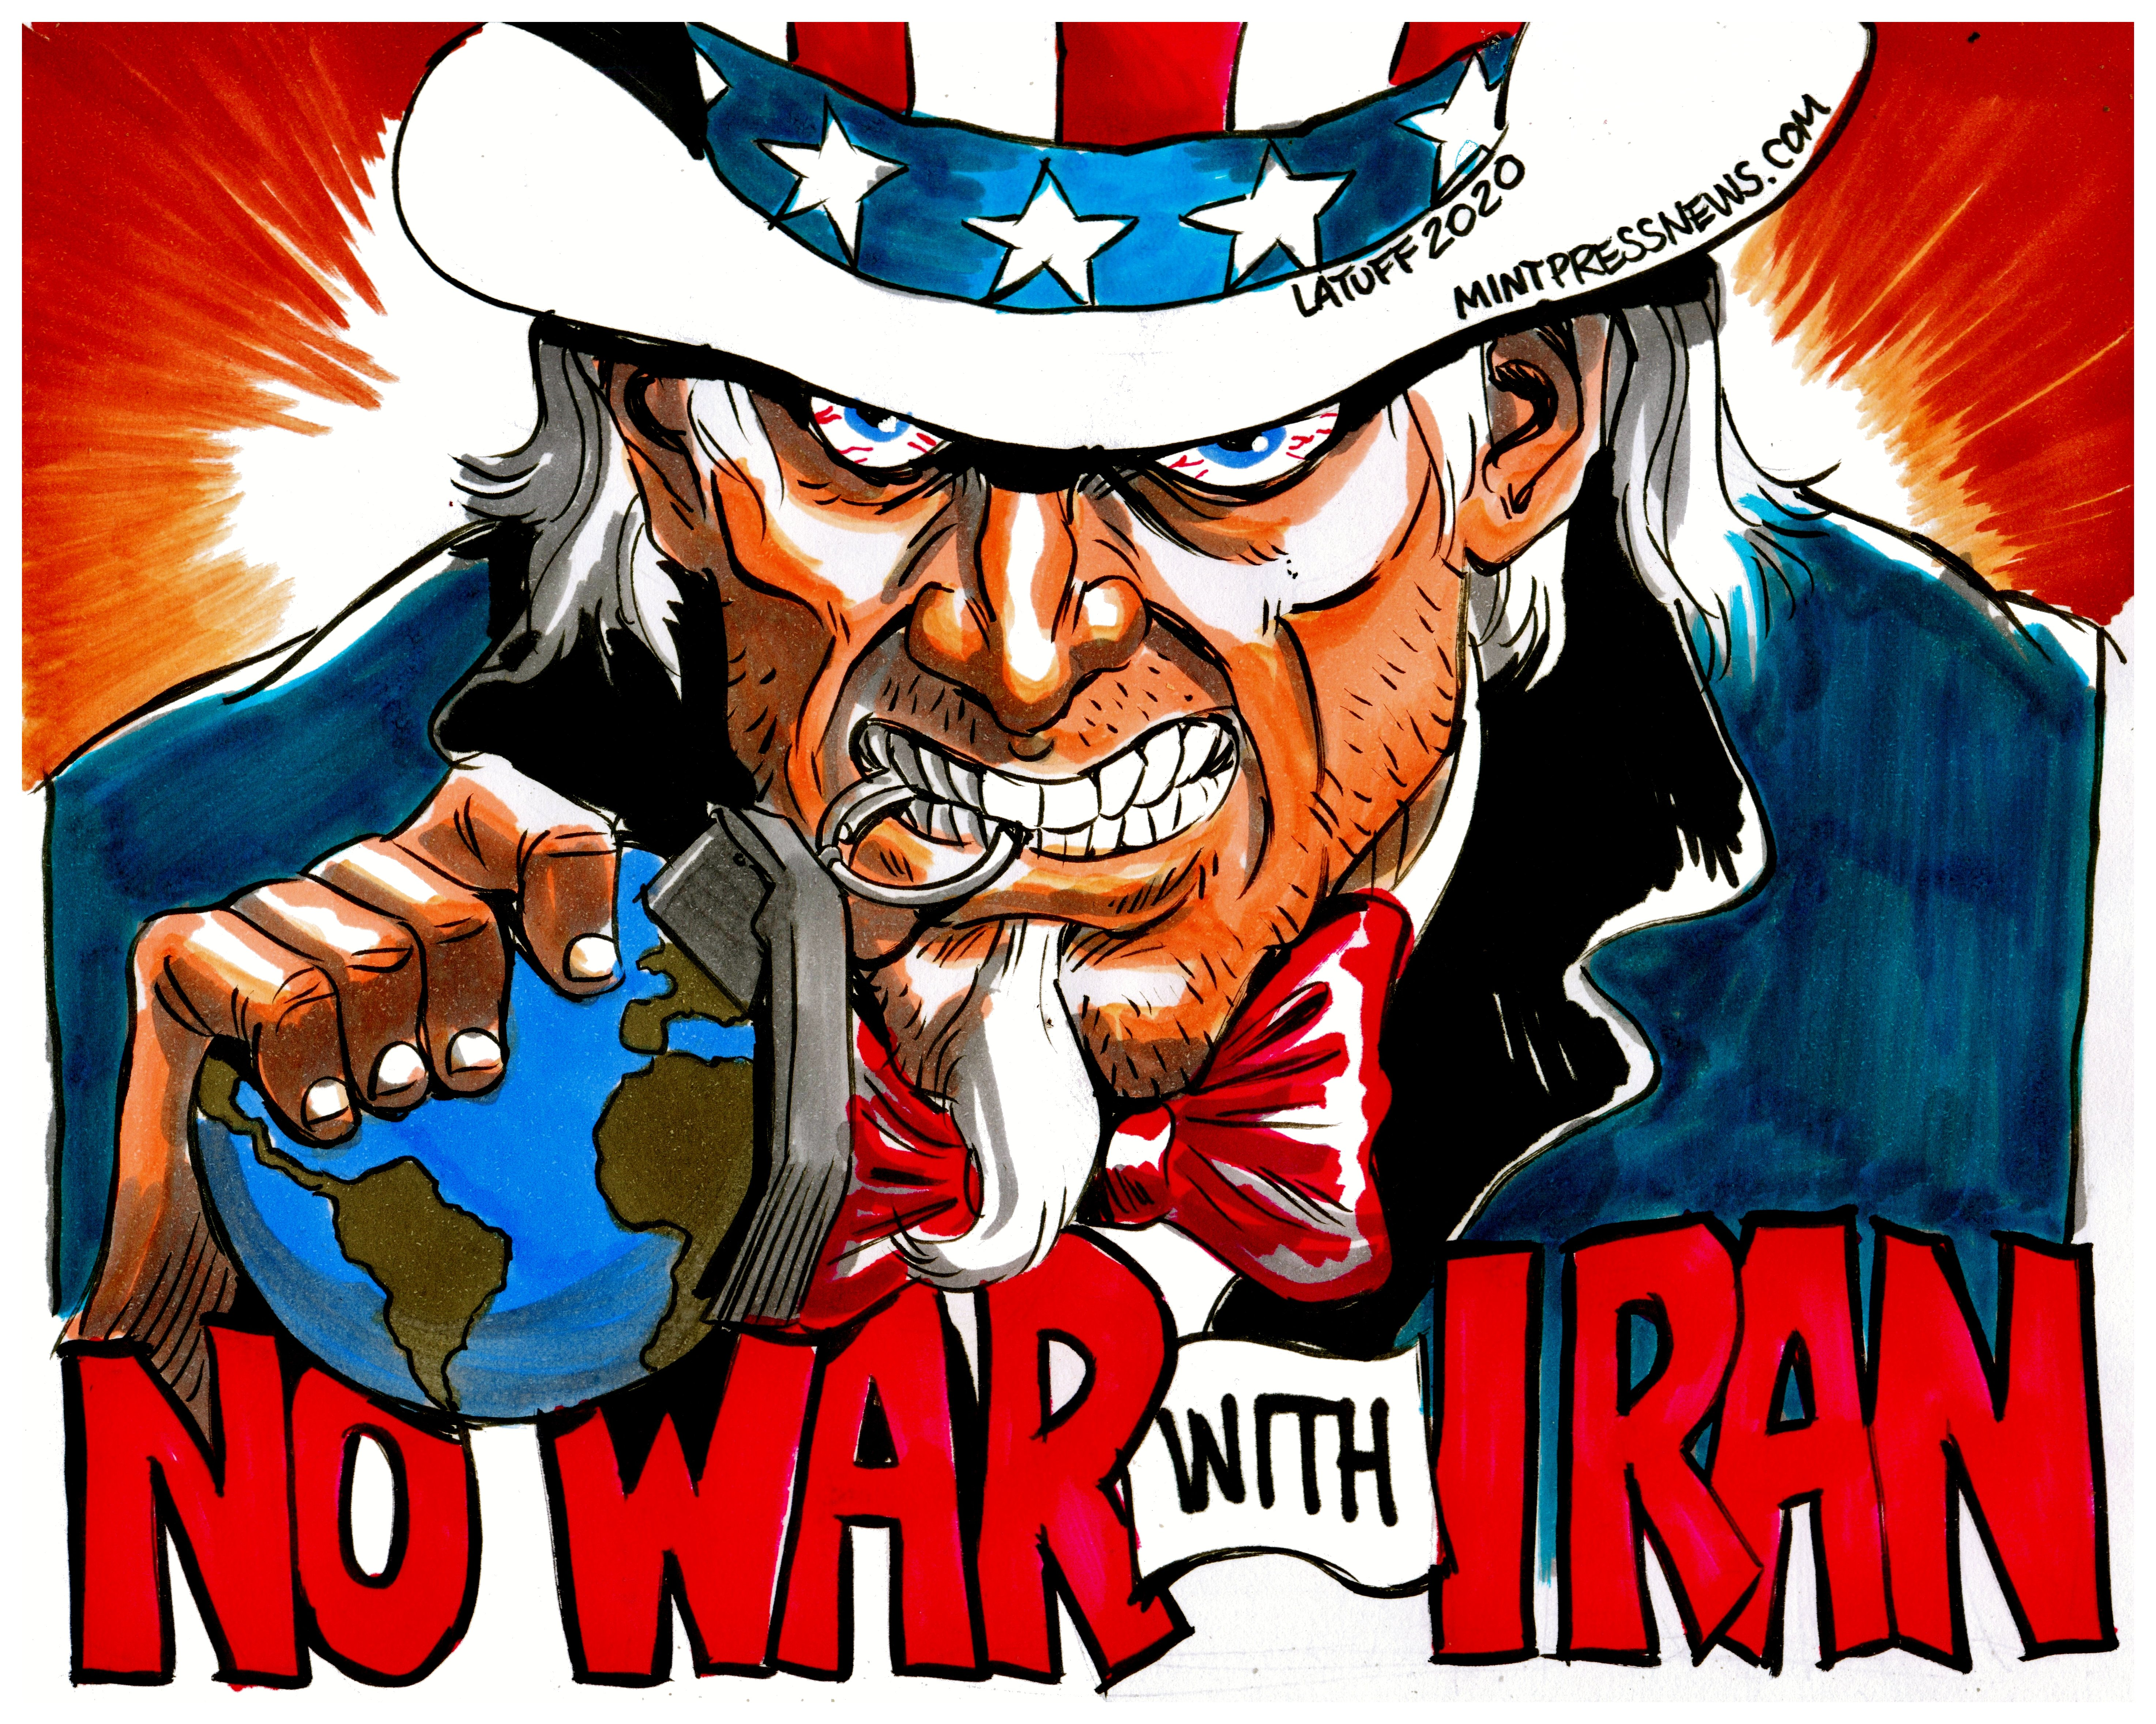 No War with Iran MintPress News